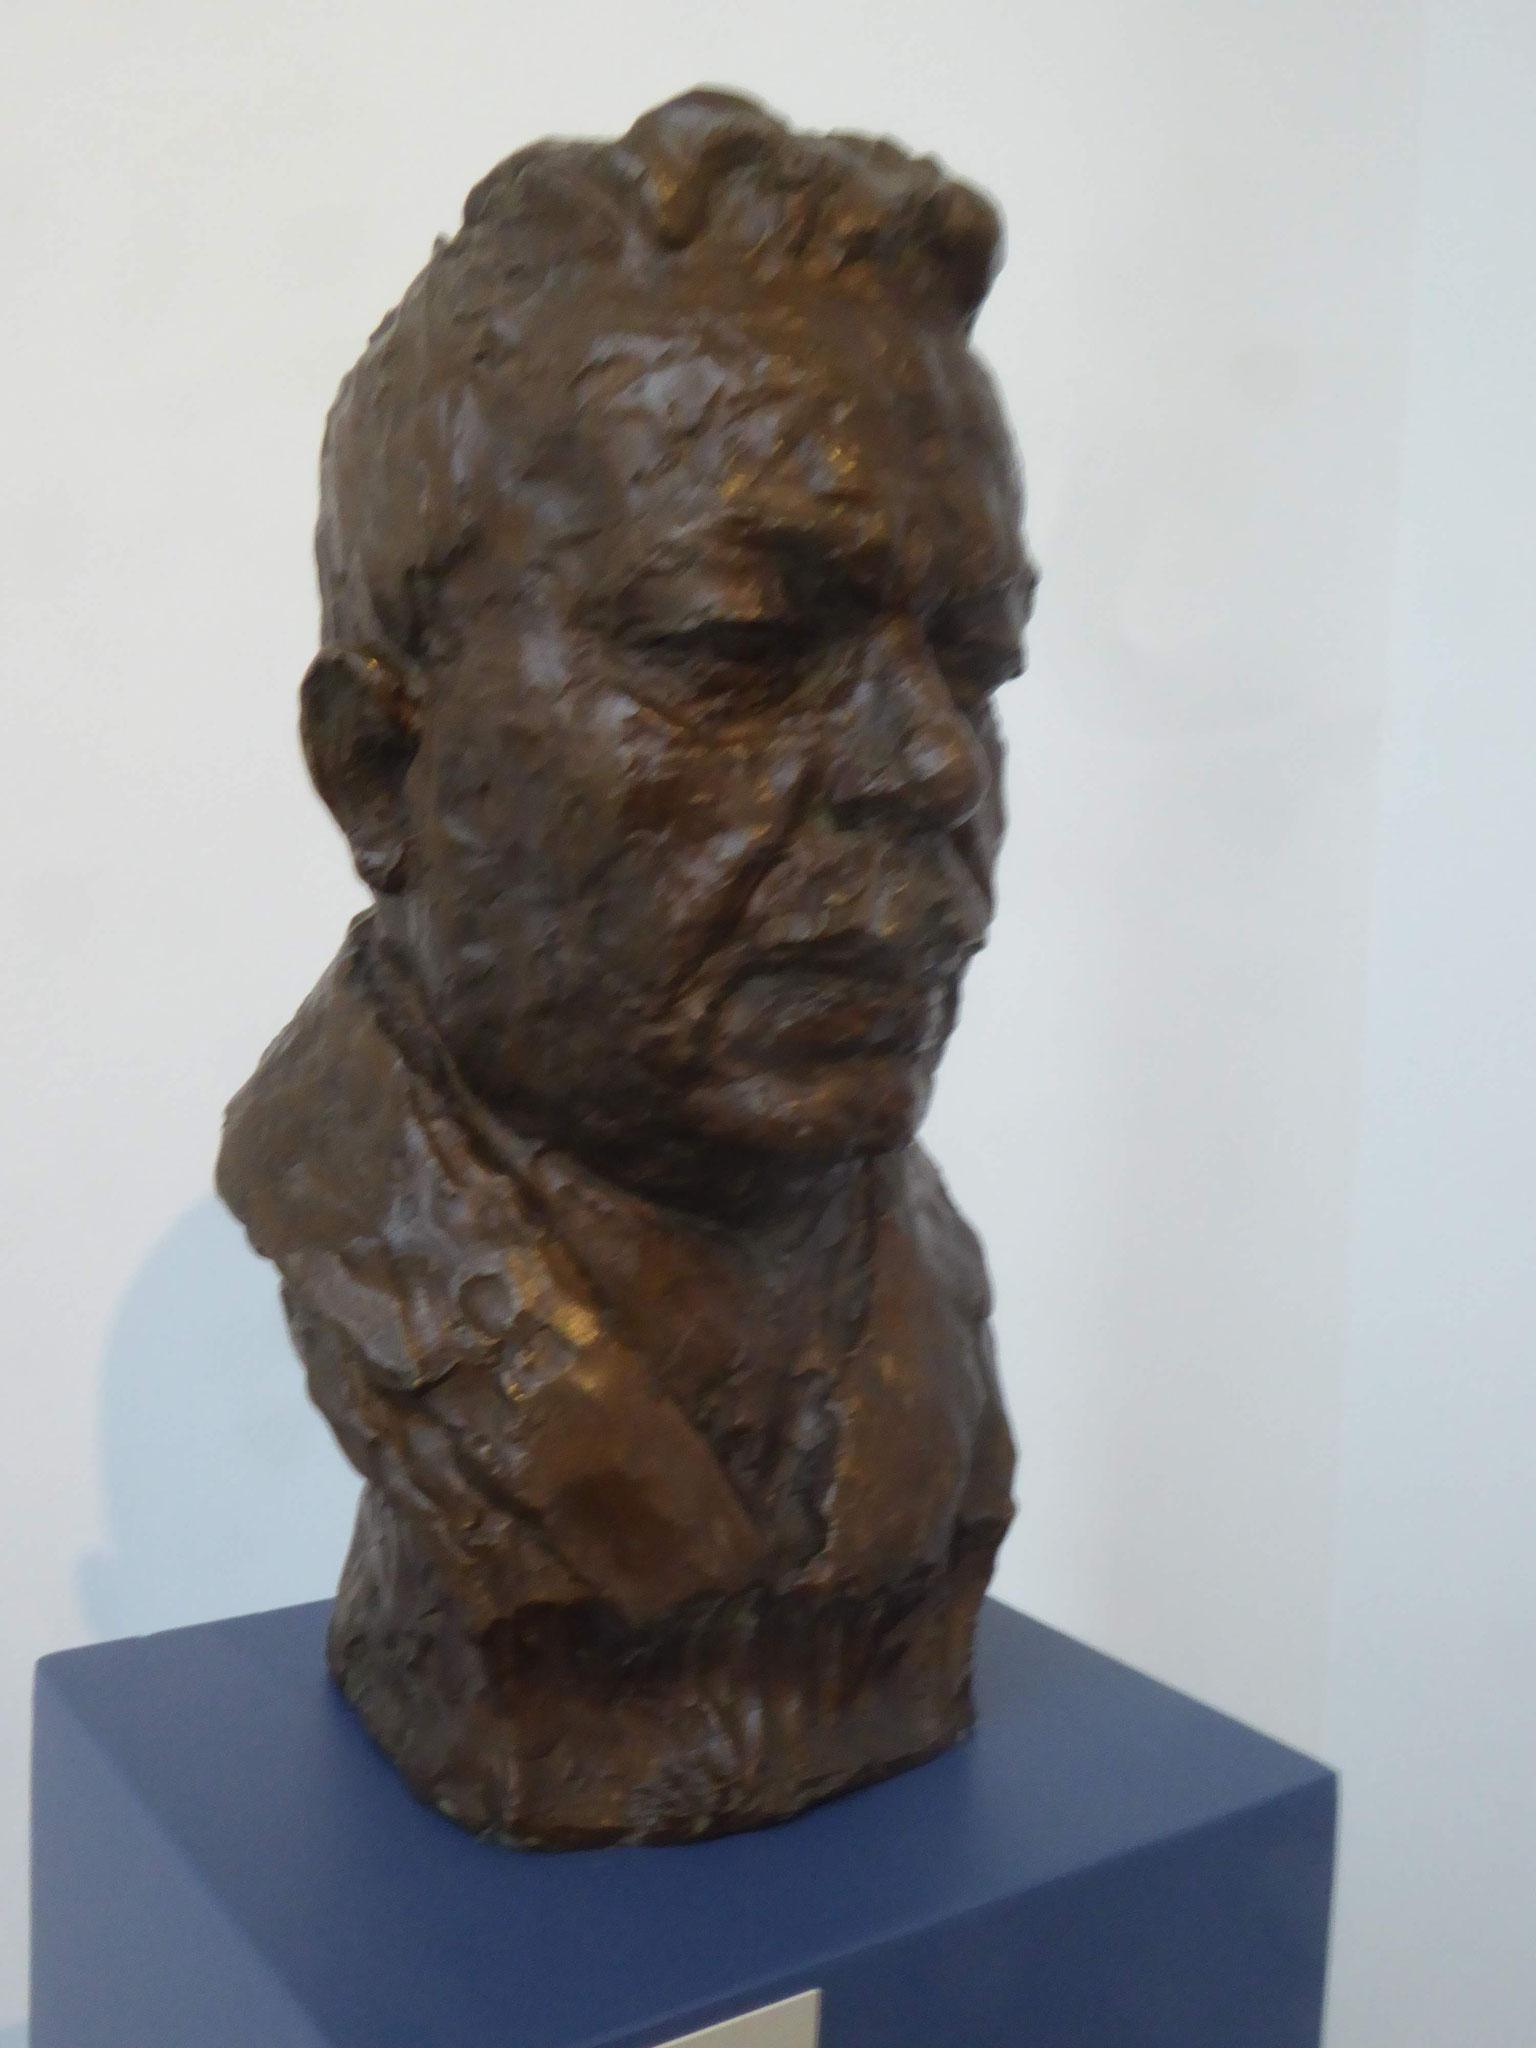 Georg Kolbe, Bildnis Friedrich Ebert, Kolbe-Museum, Berlin